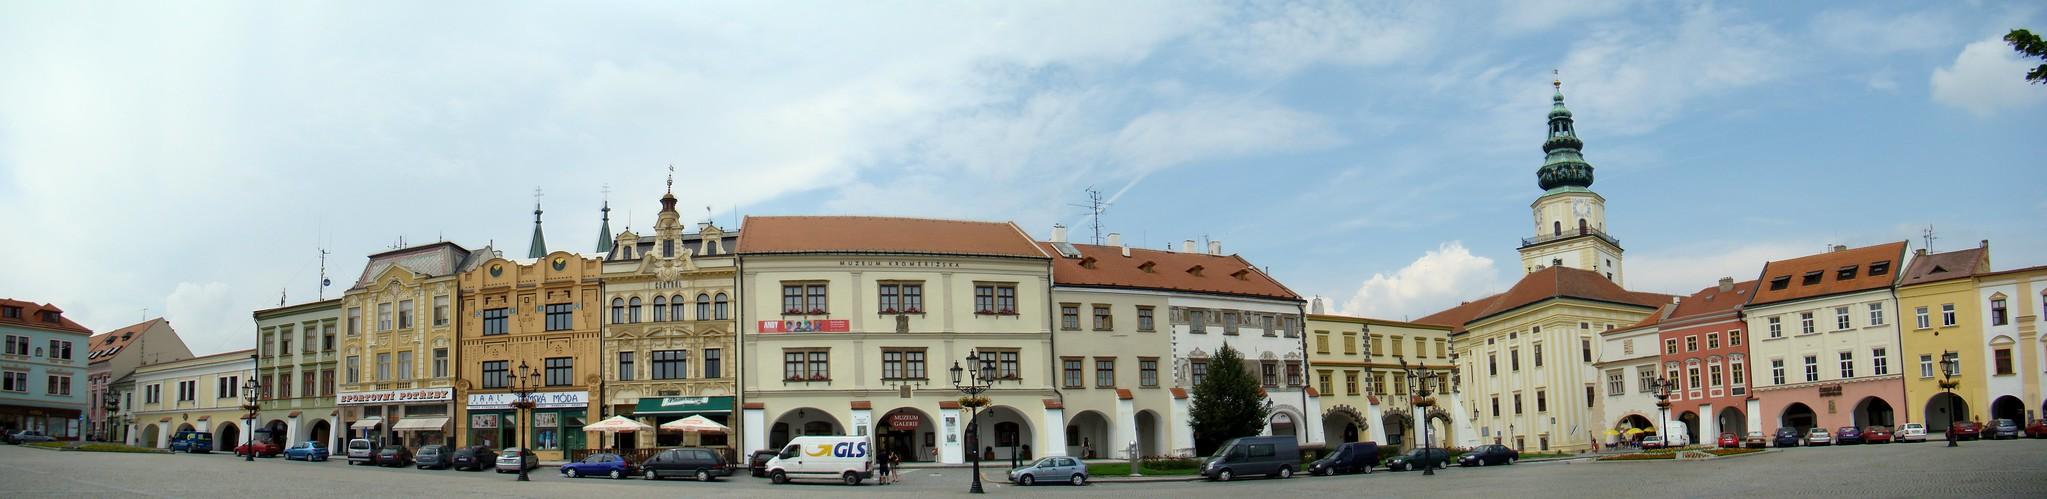 panoramica Plaza mayor Kromeriz Chequia